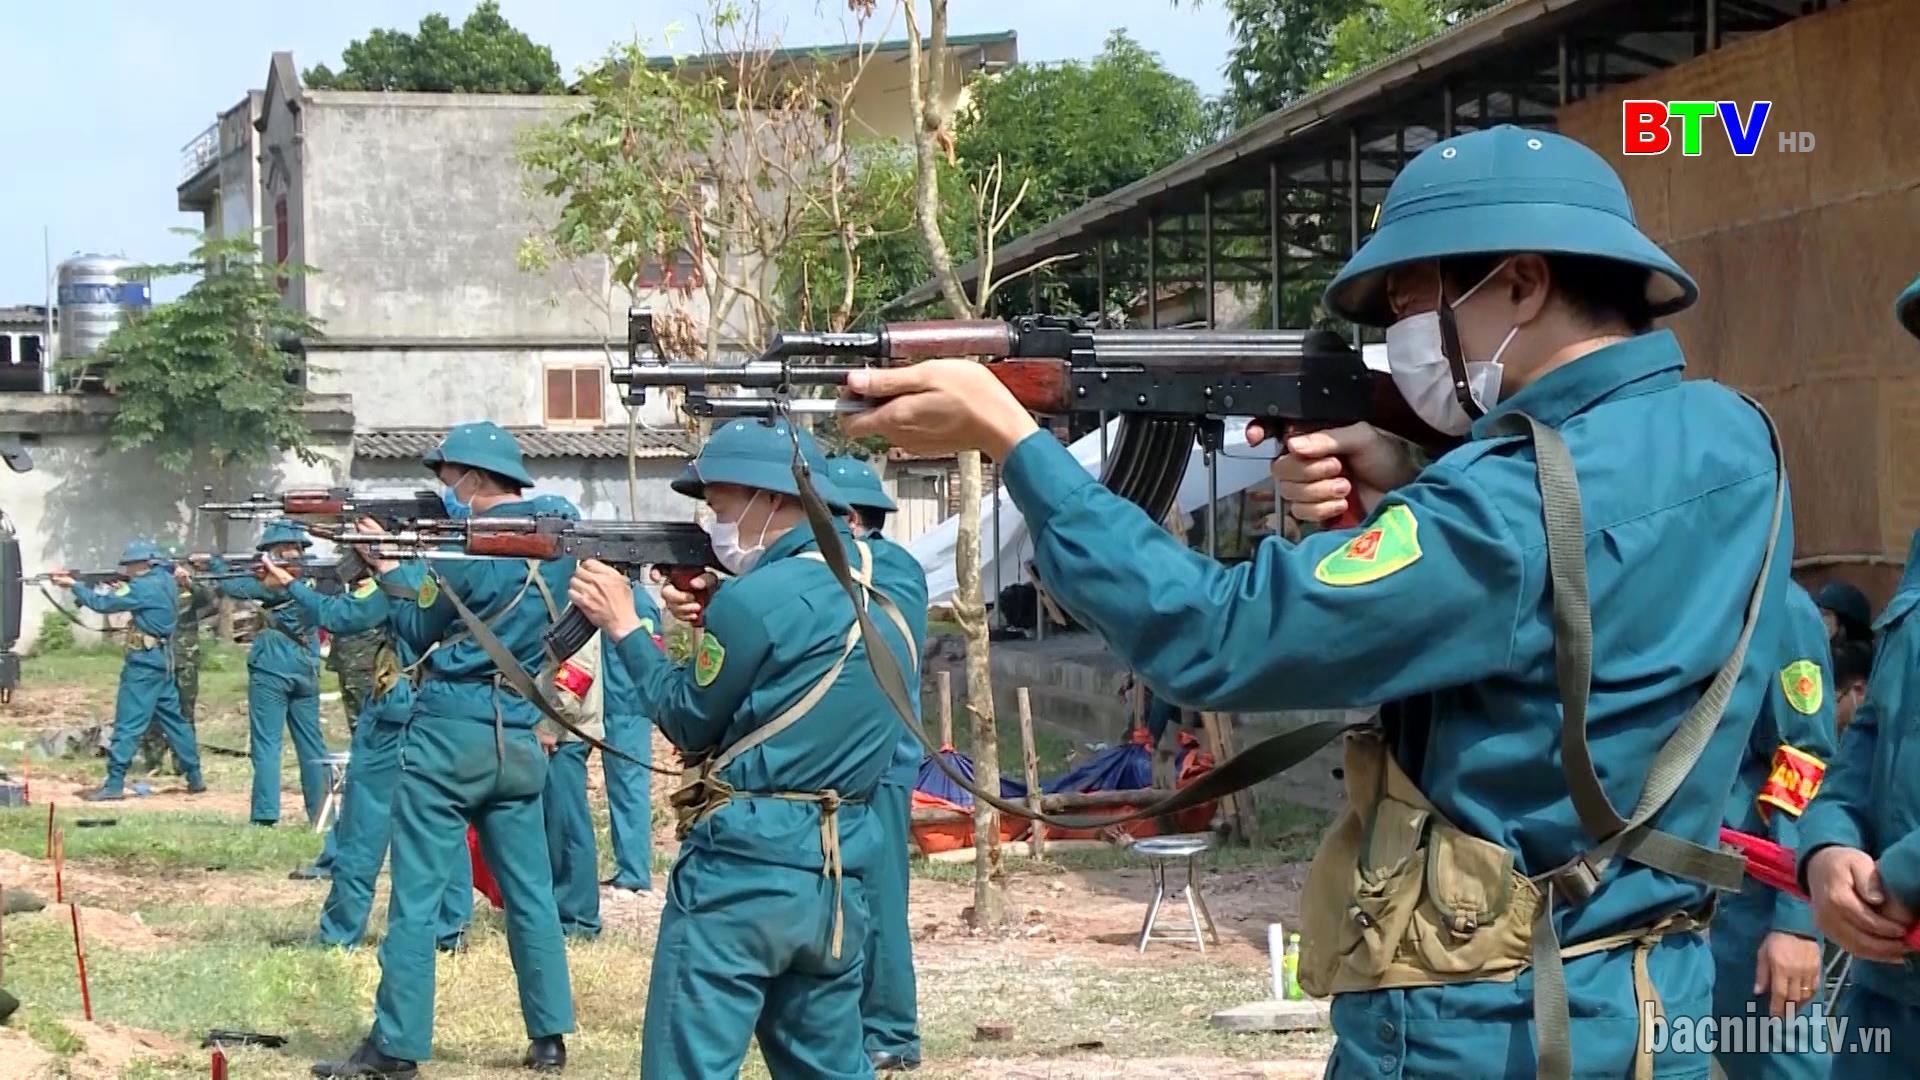 Thành phố Bắc Ninh: Kiểm tra kết thúc huấn luyện DQTV năm 2021